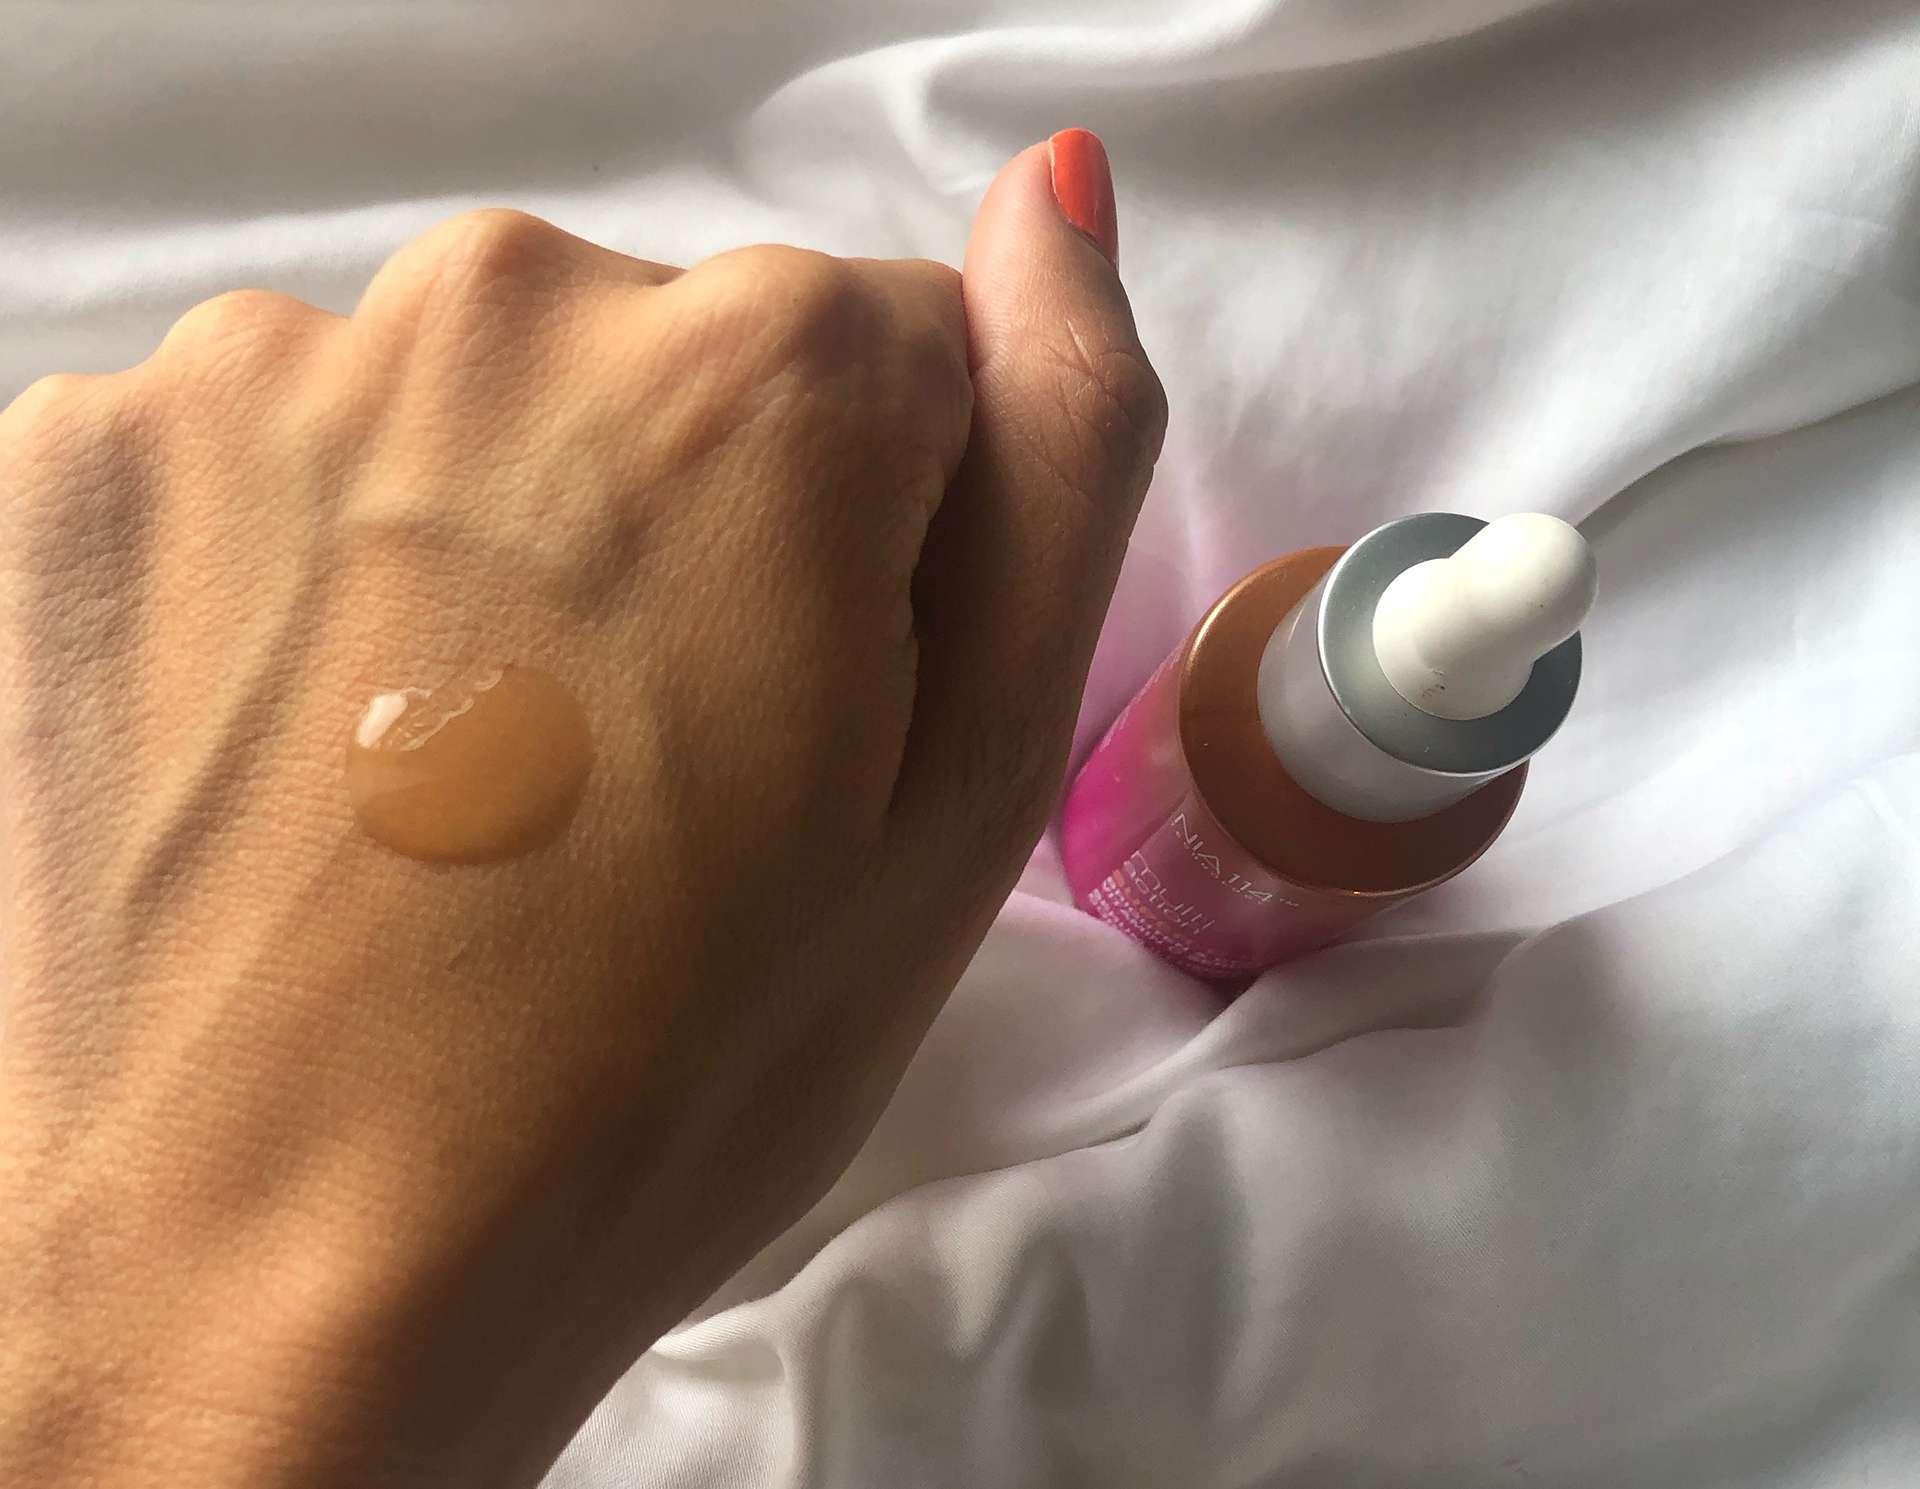 StriVectin Super-C serum texture